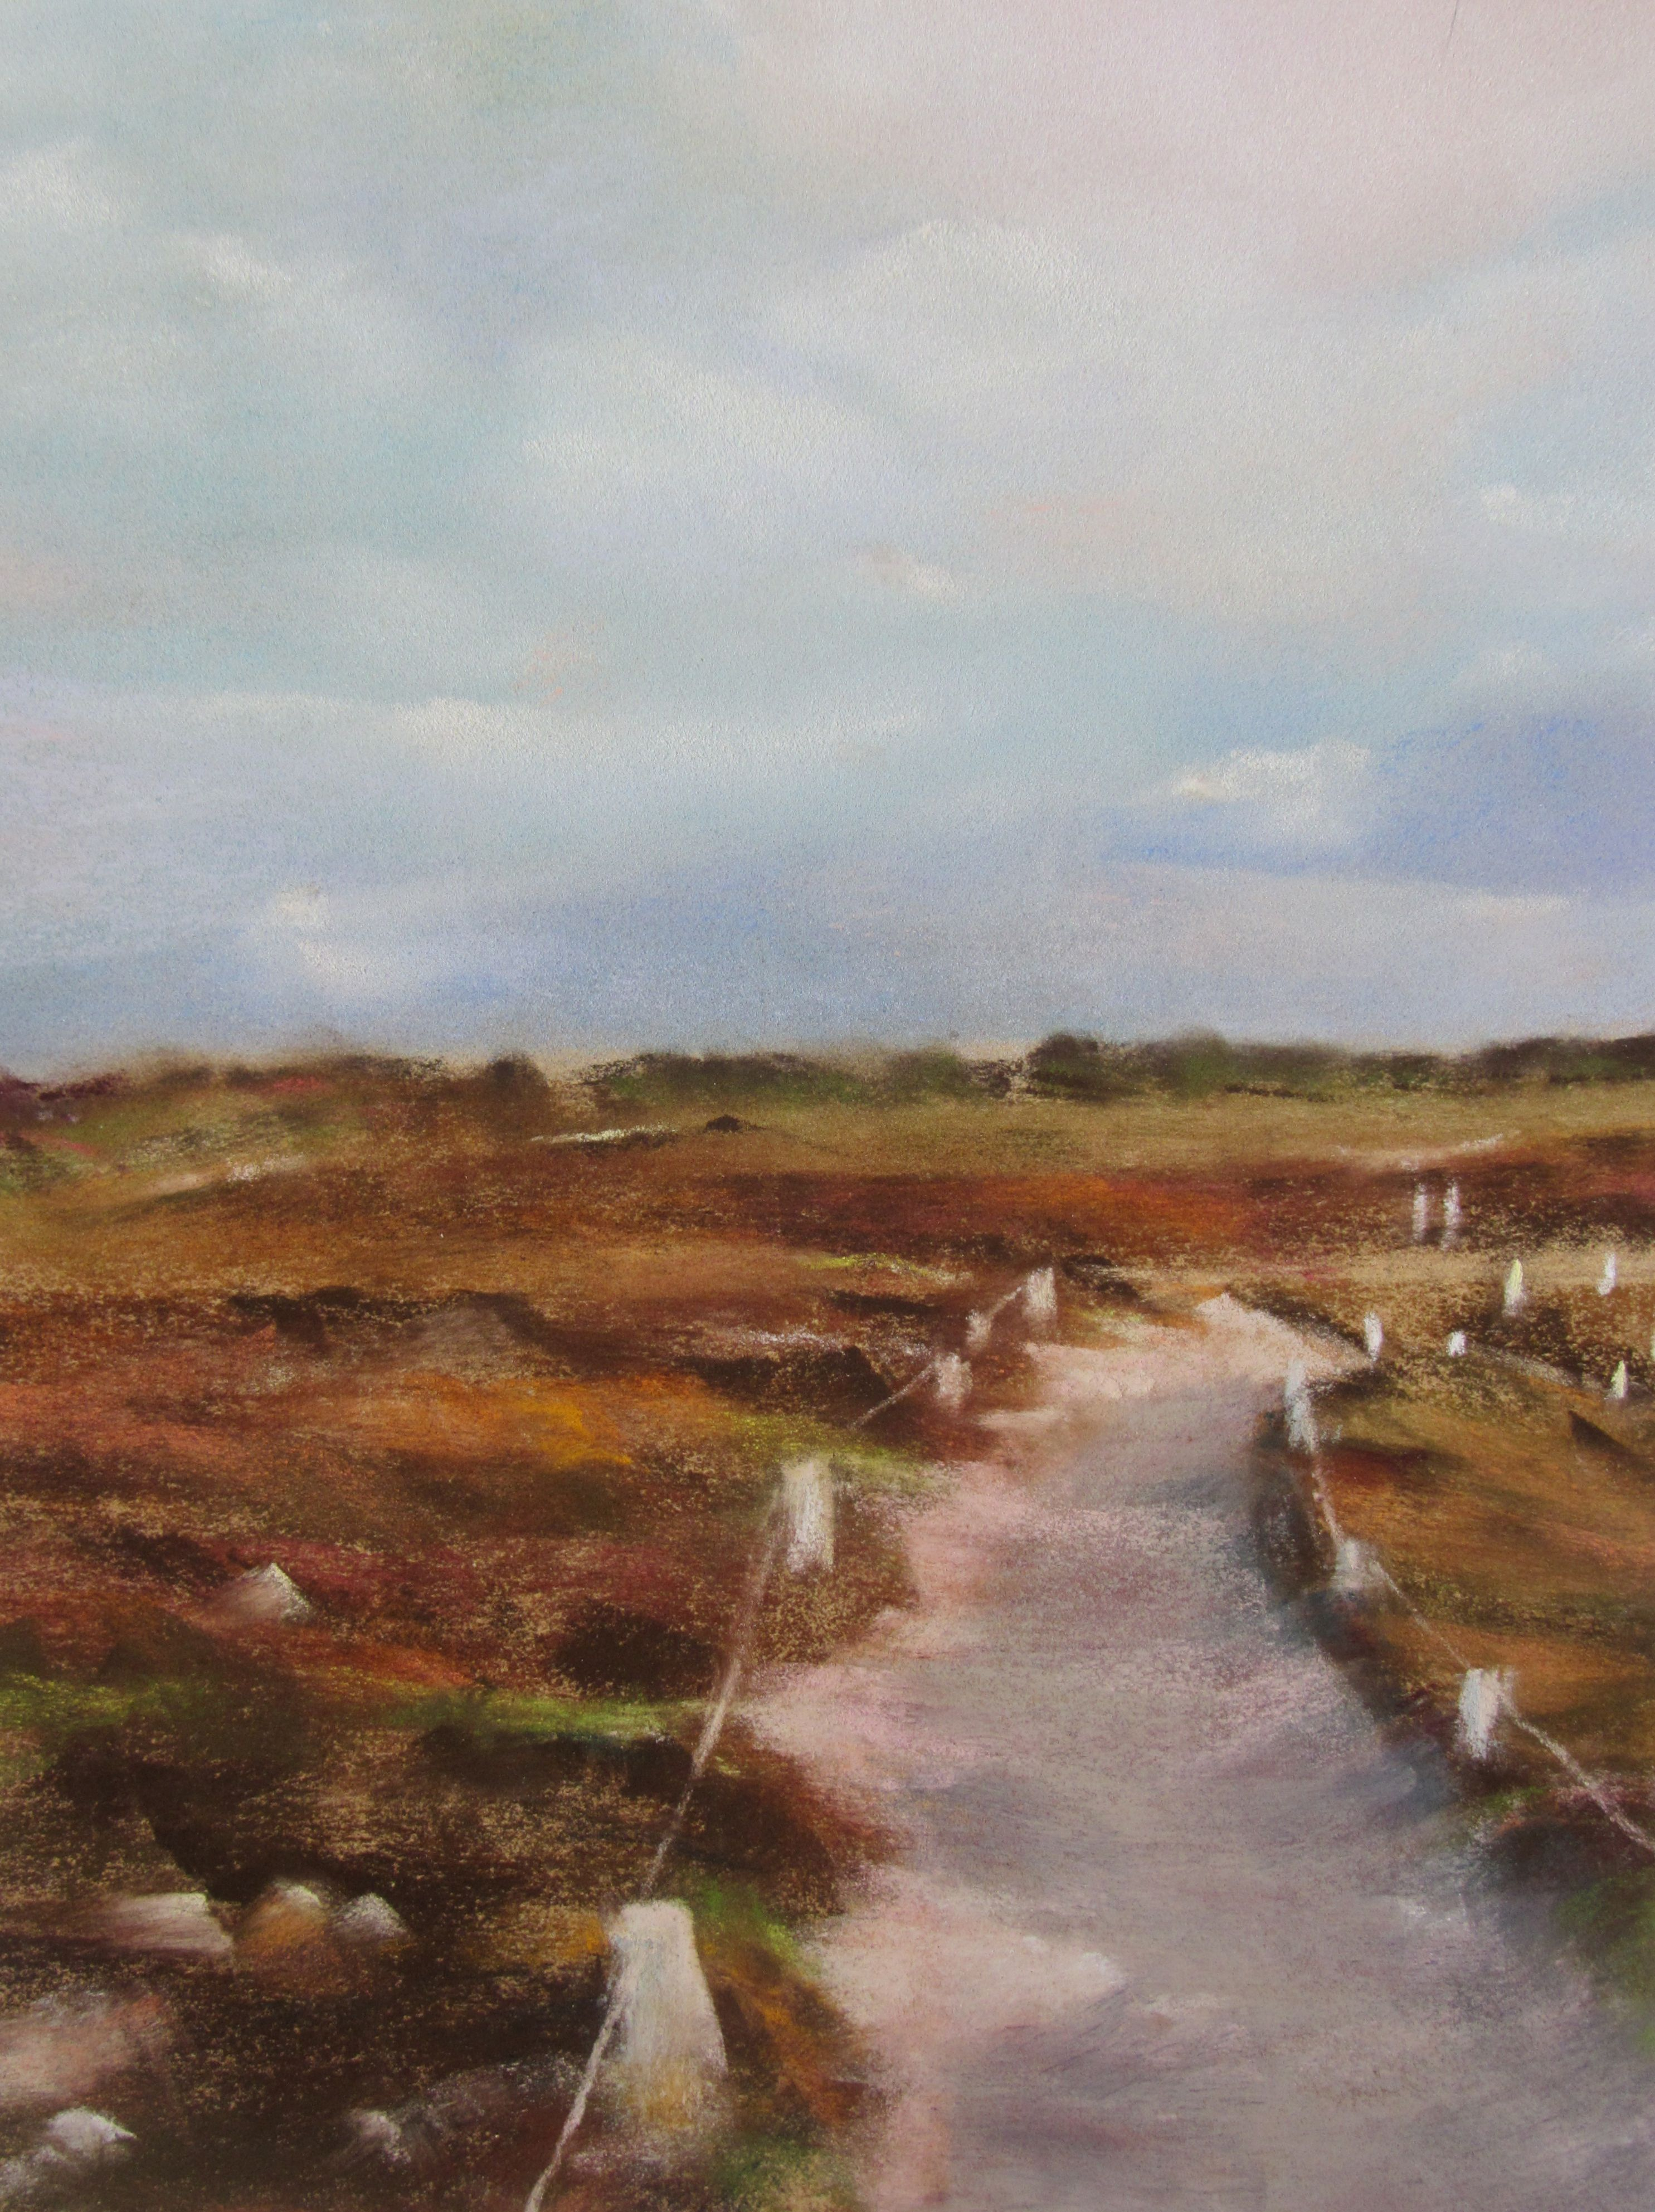 La lande du cap Fréhel - Peinture au pastel sec par Isabelle Douzamy - 30x40cm